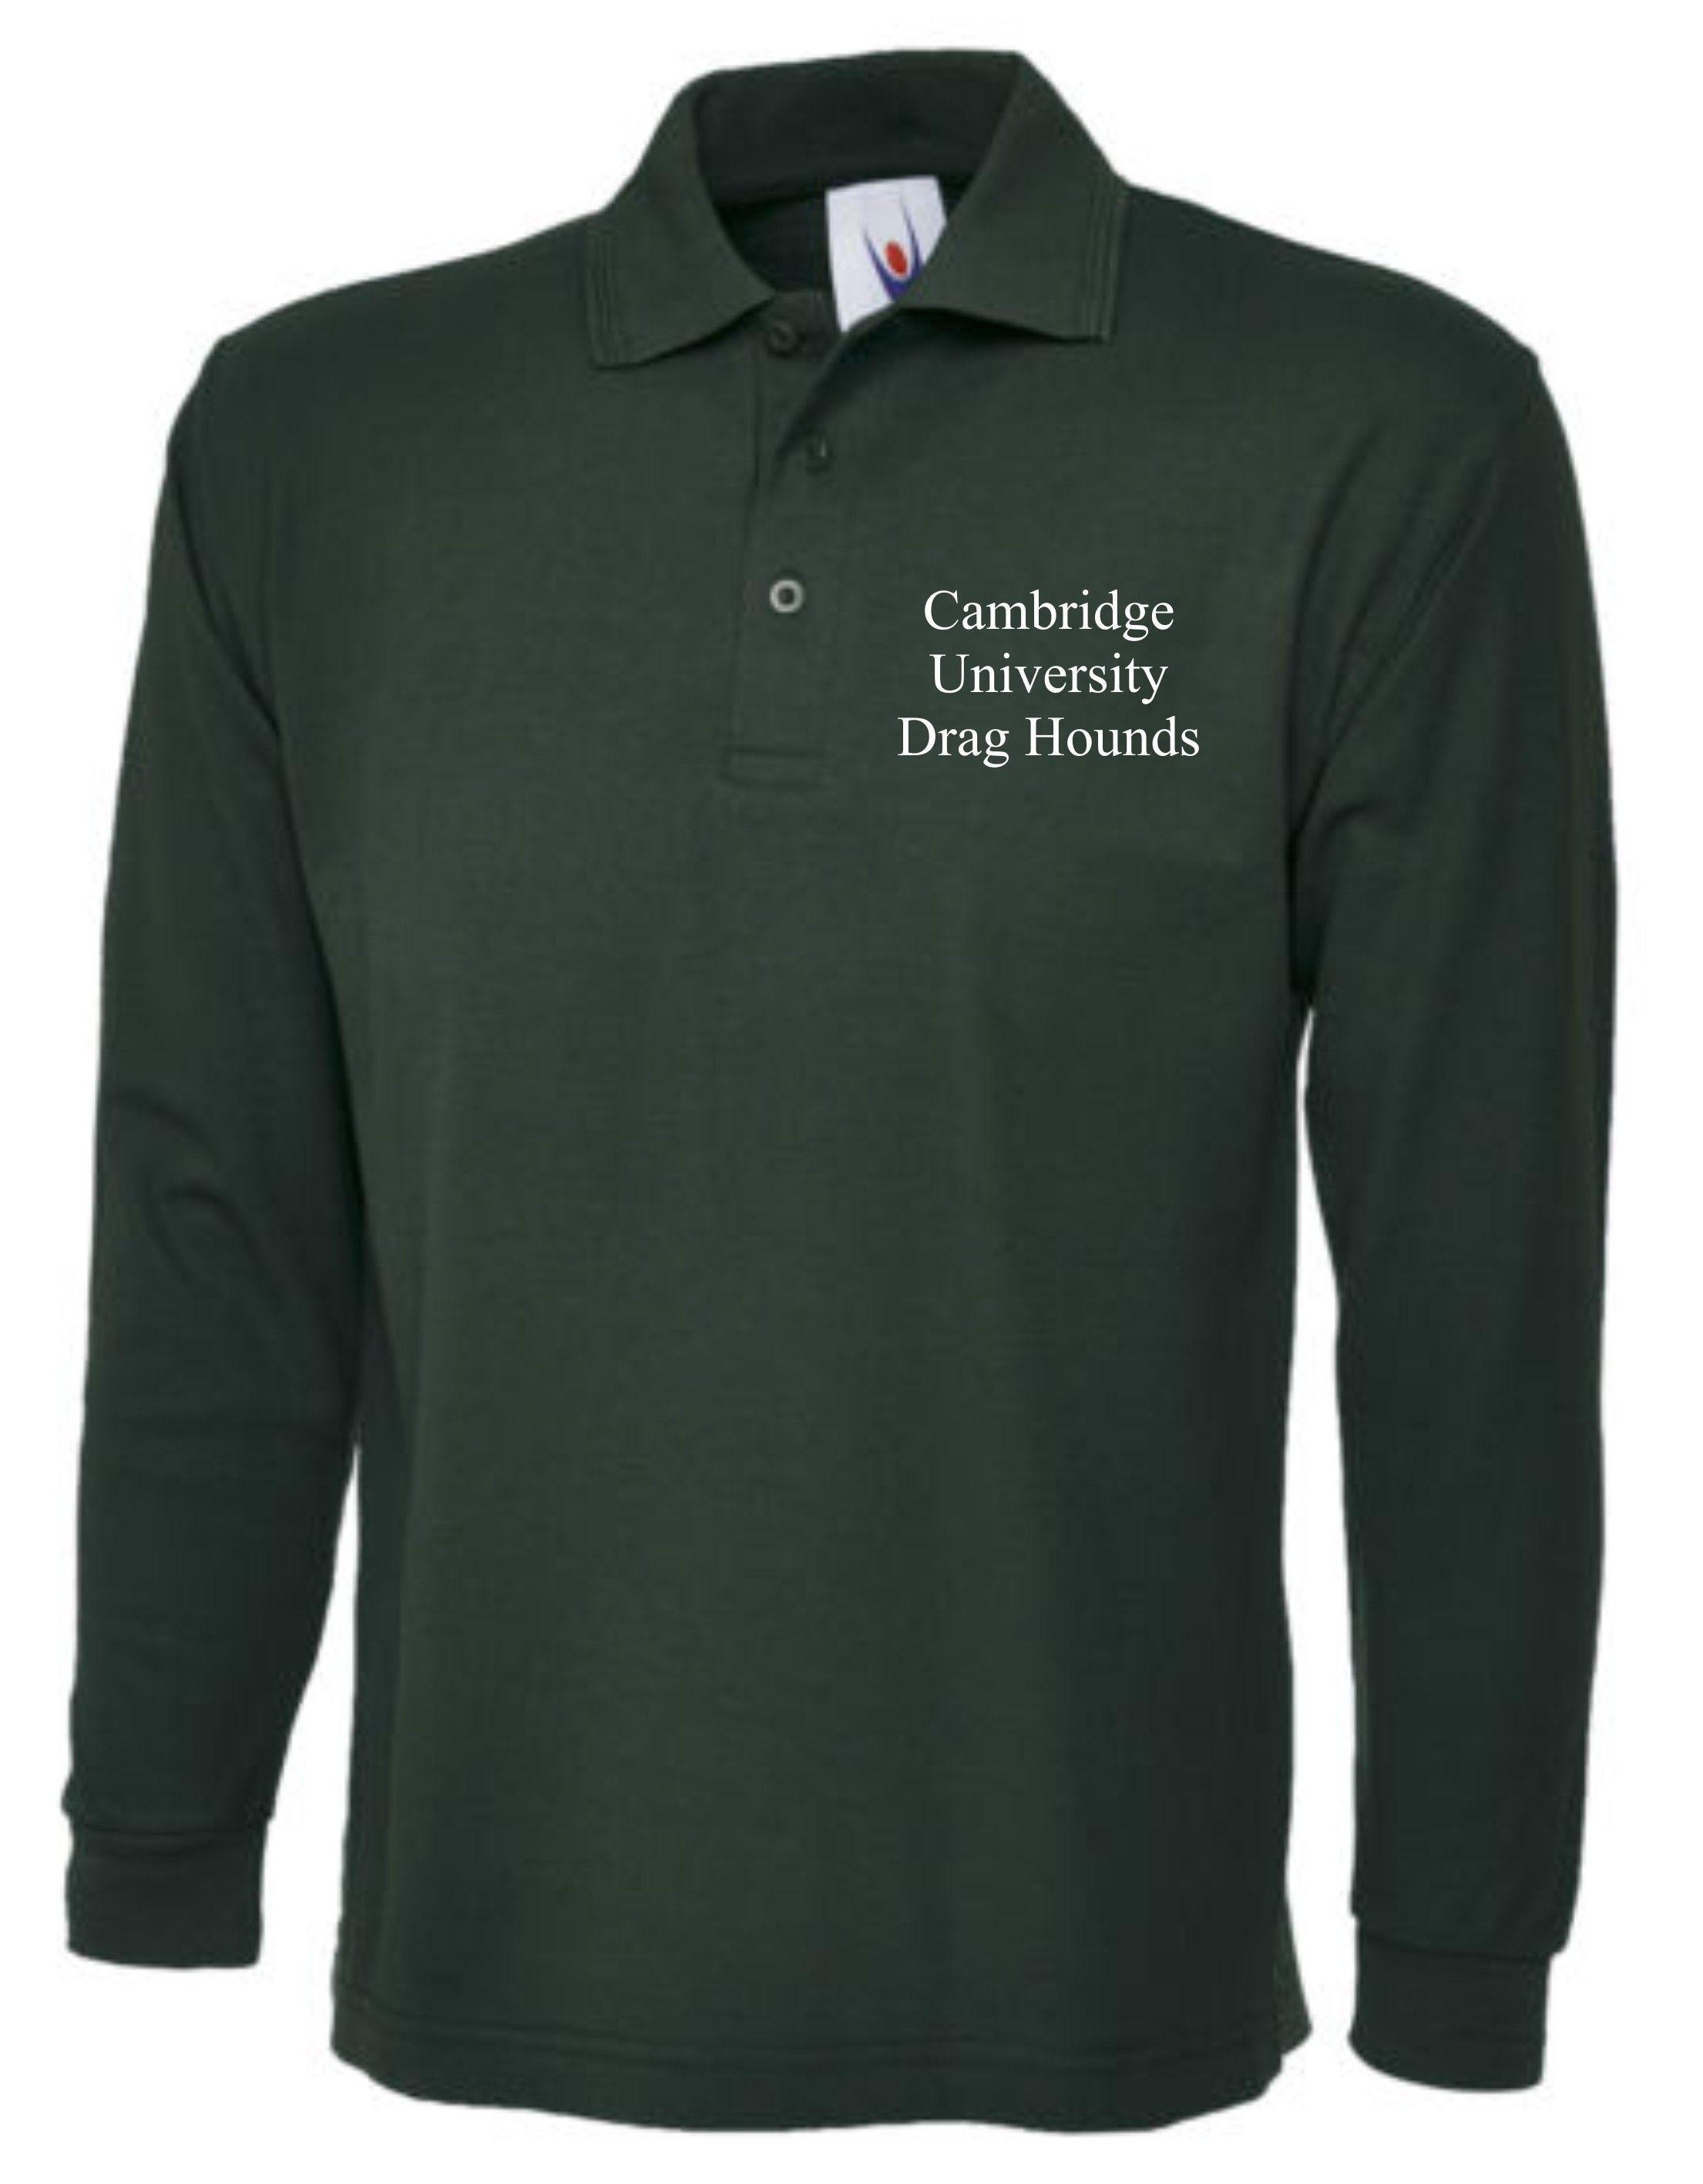 CUDH – Long Sleeve Polo Shirt